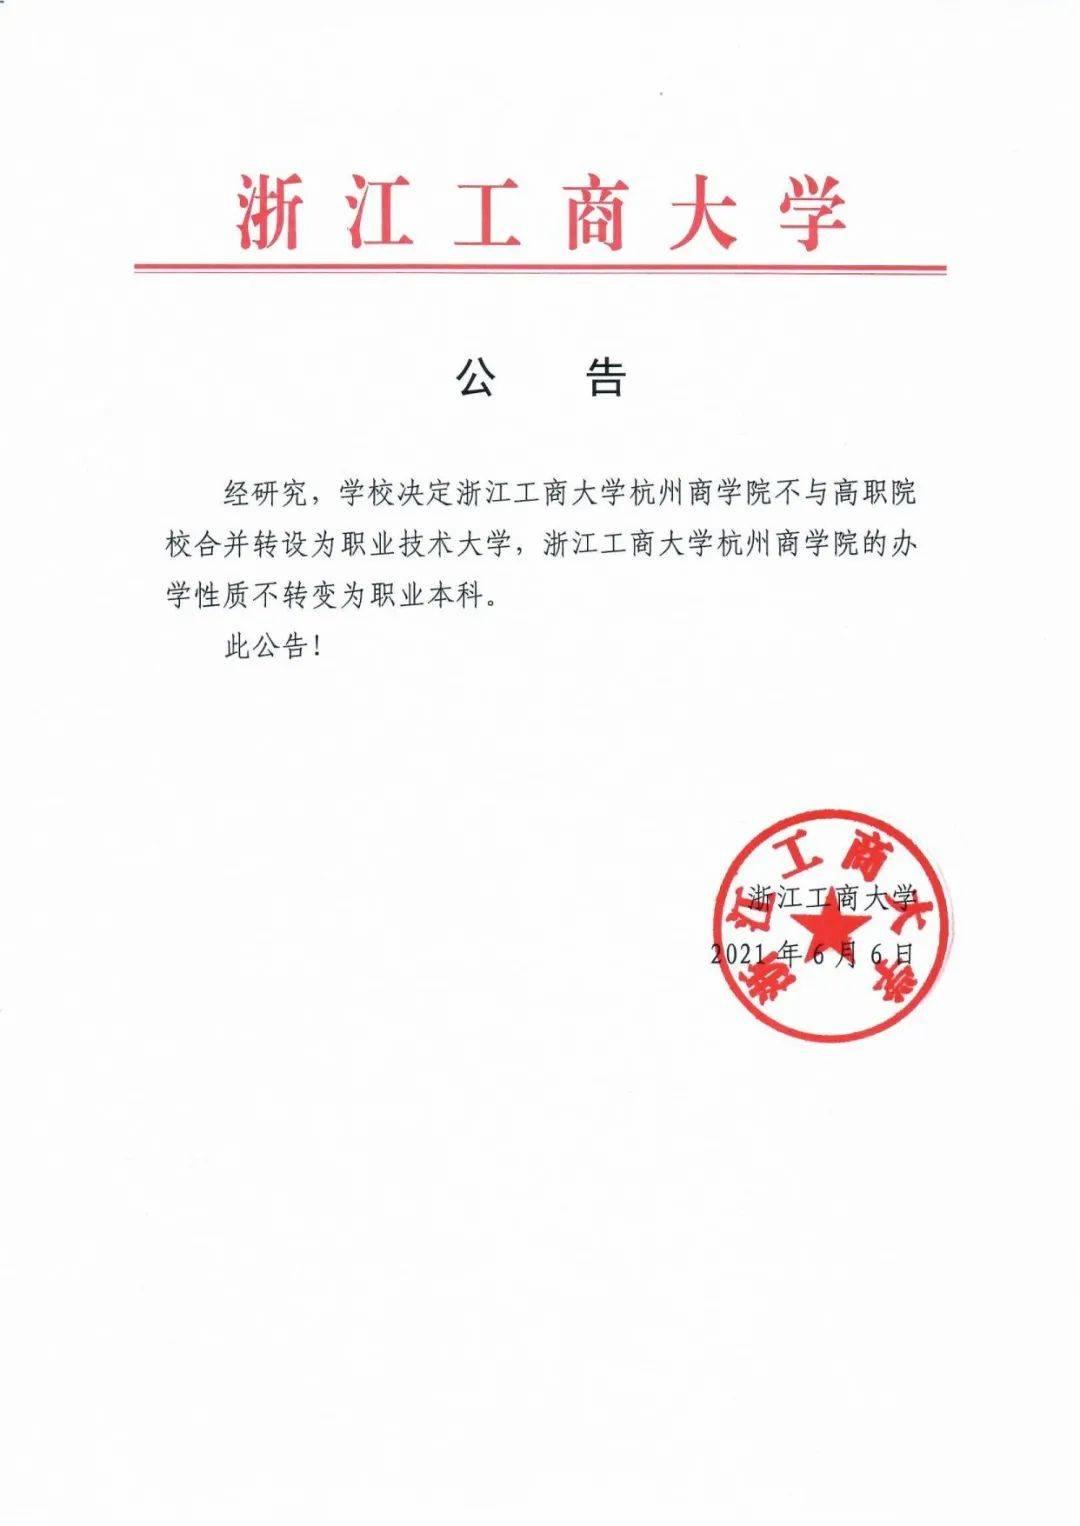 浙江省教育厅喊停次日,多校停止独立学院与职校合并转设